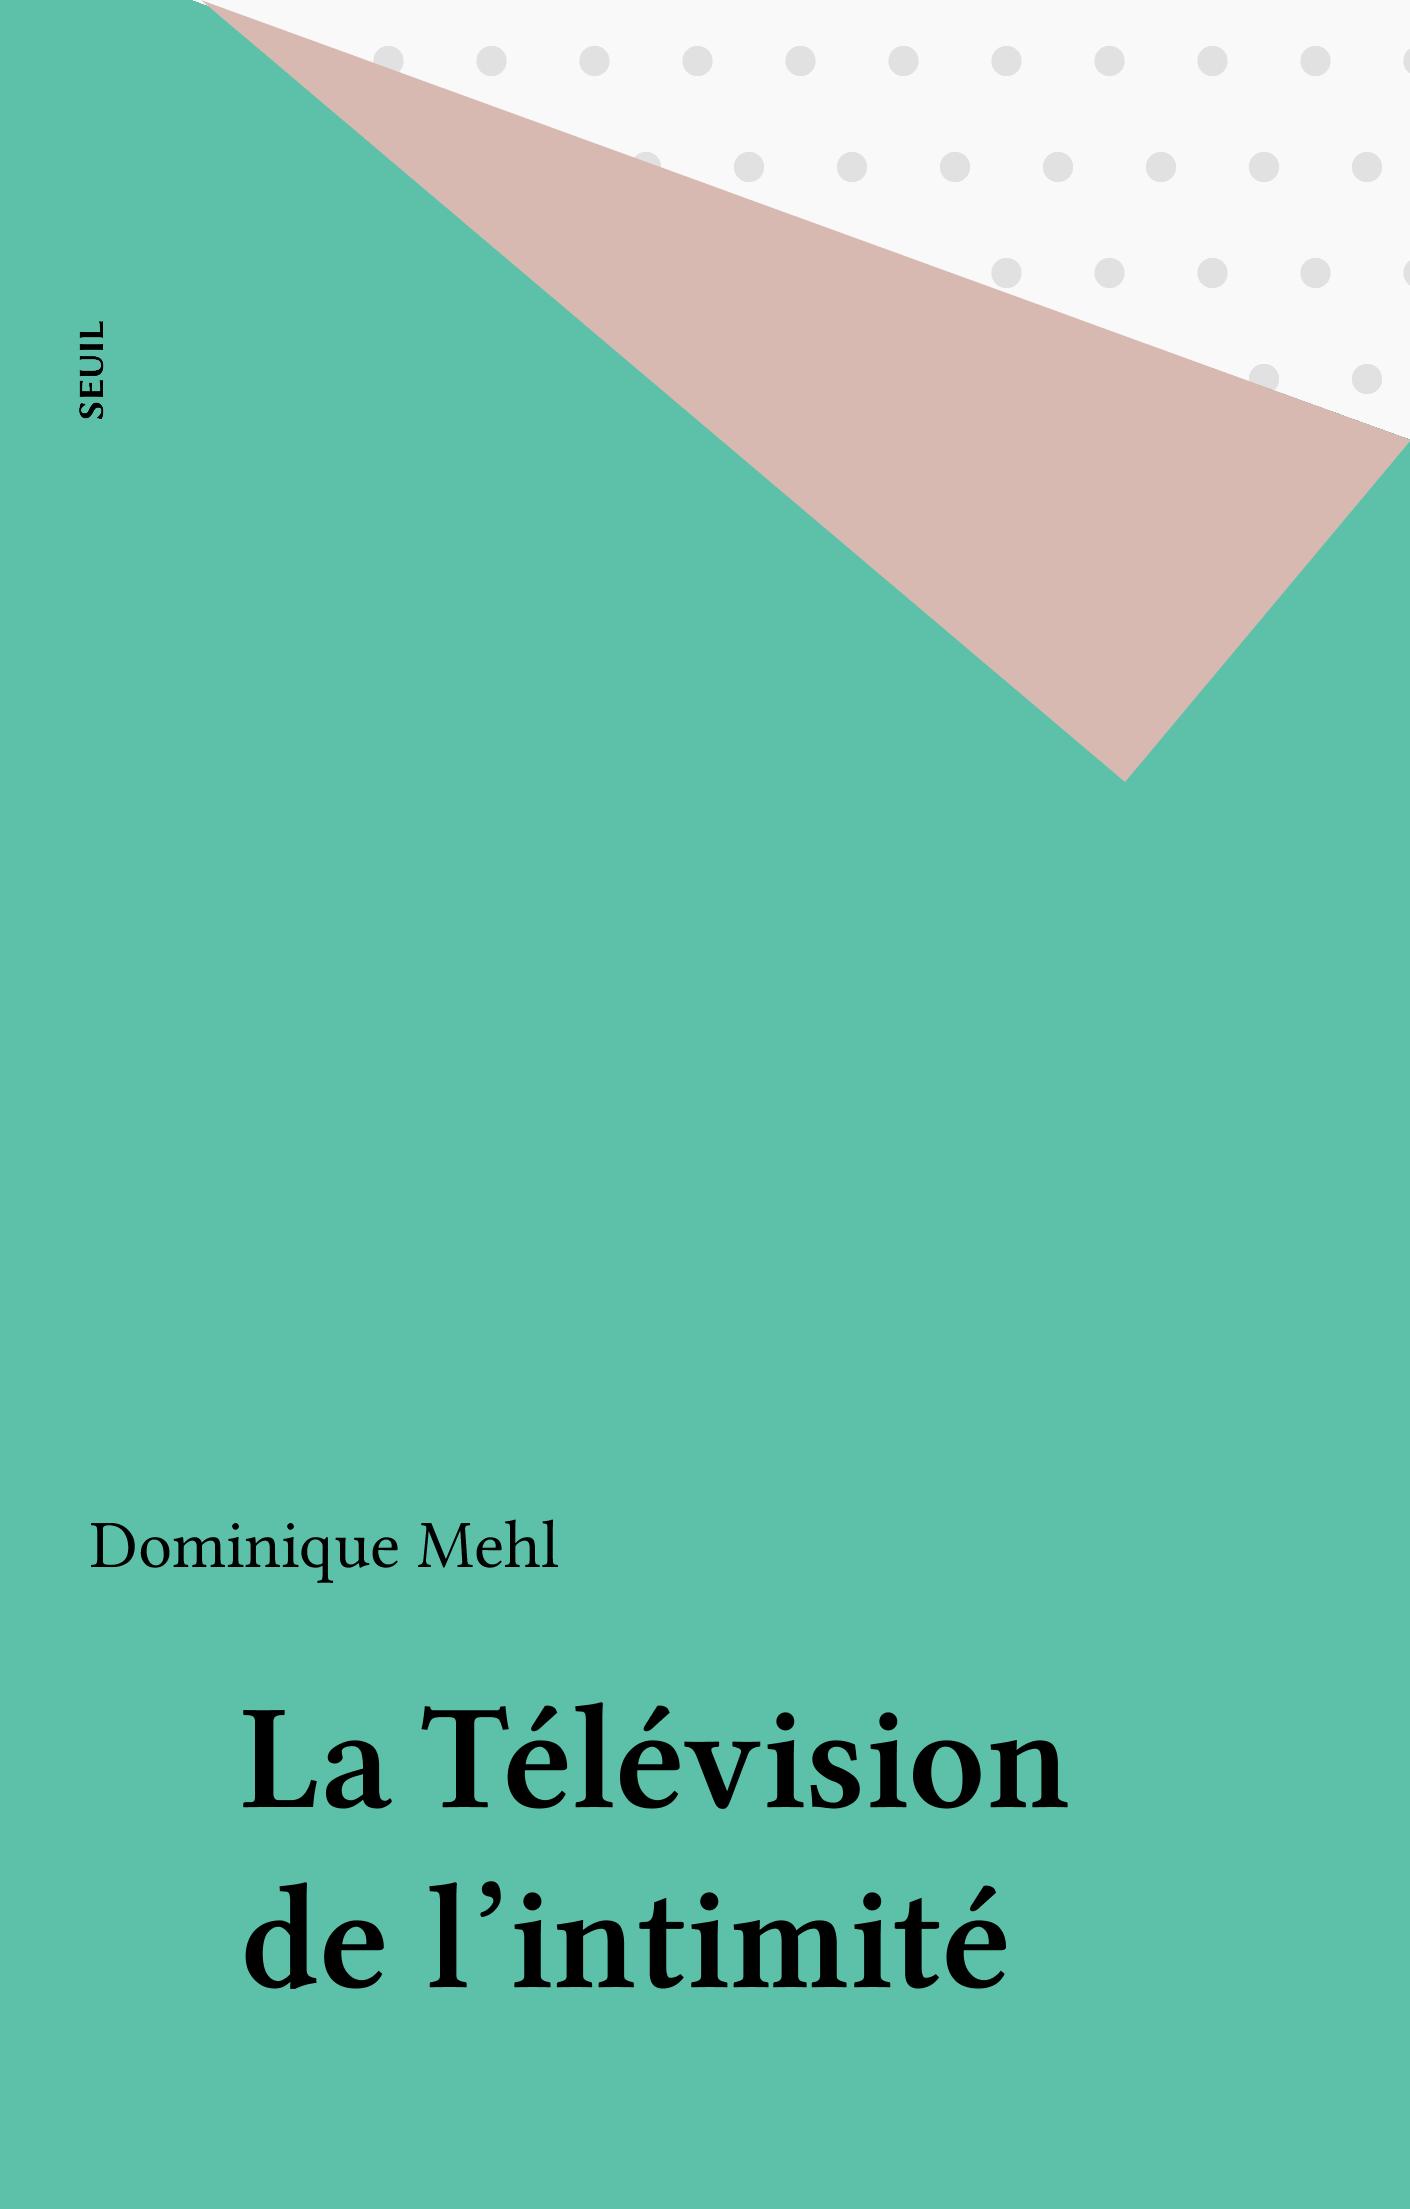 La Télévision de l'intimité